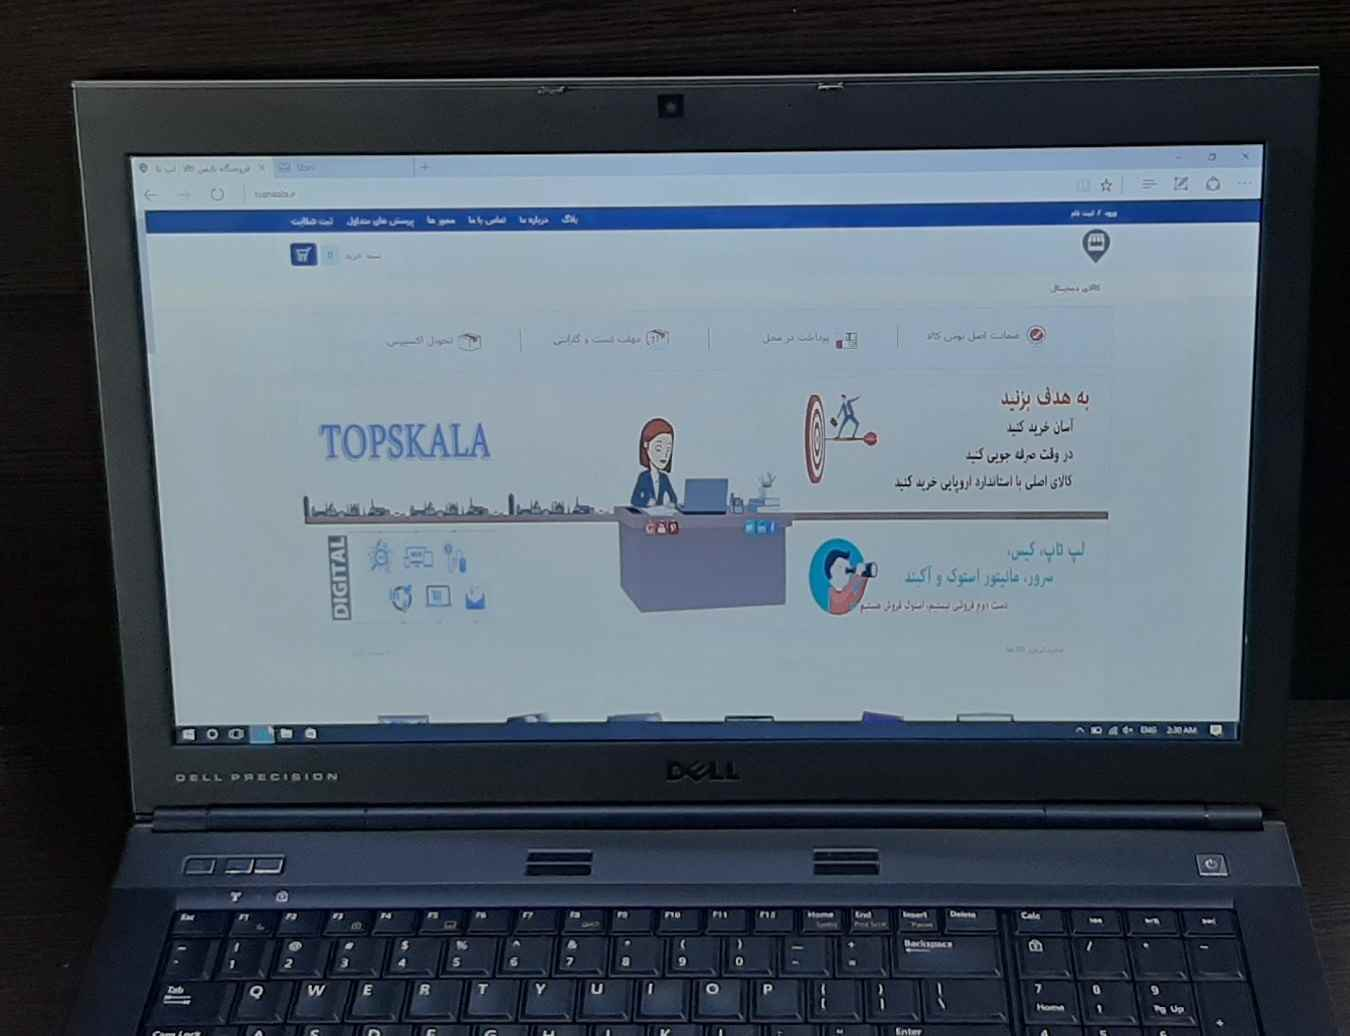 لپ تاپ استوک دل مدل Dell PRECISION M6600 با مشخصات i7-2gen-16GB-512GB-SSD-1TB-HDD-2GB-Amd-Radeon-6900M-DDR5